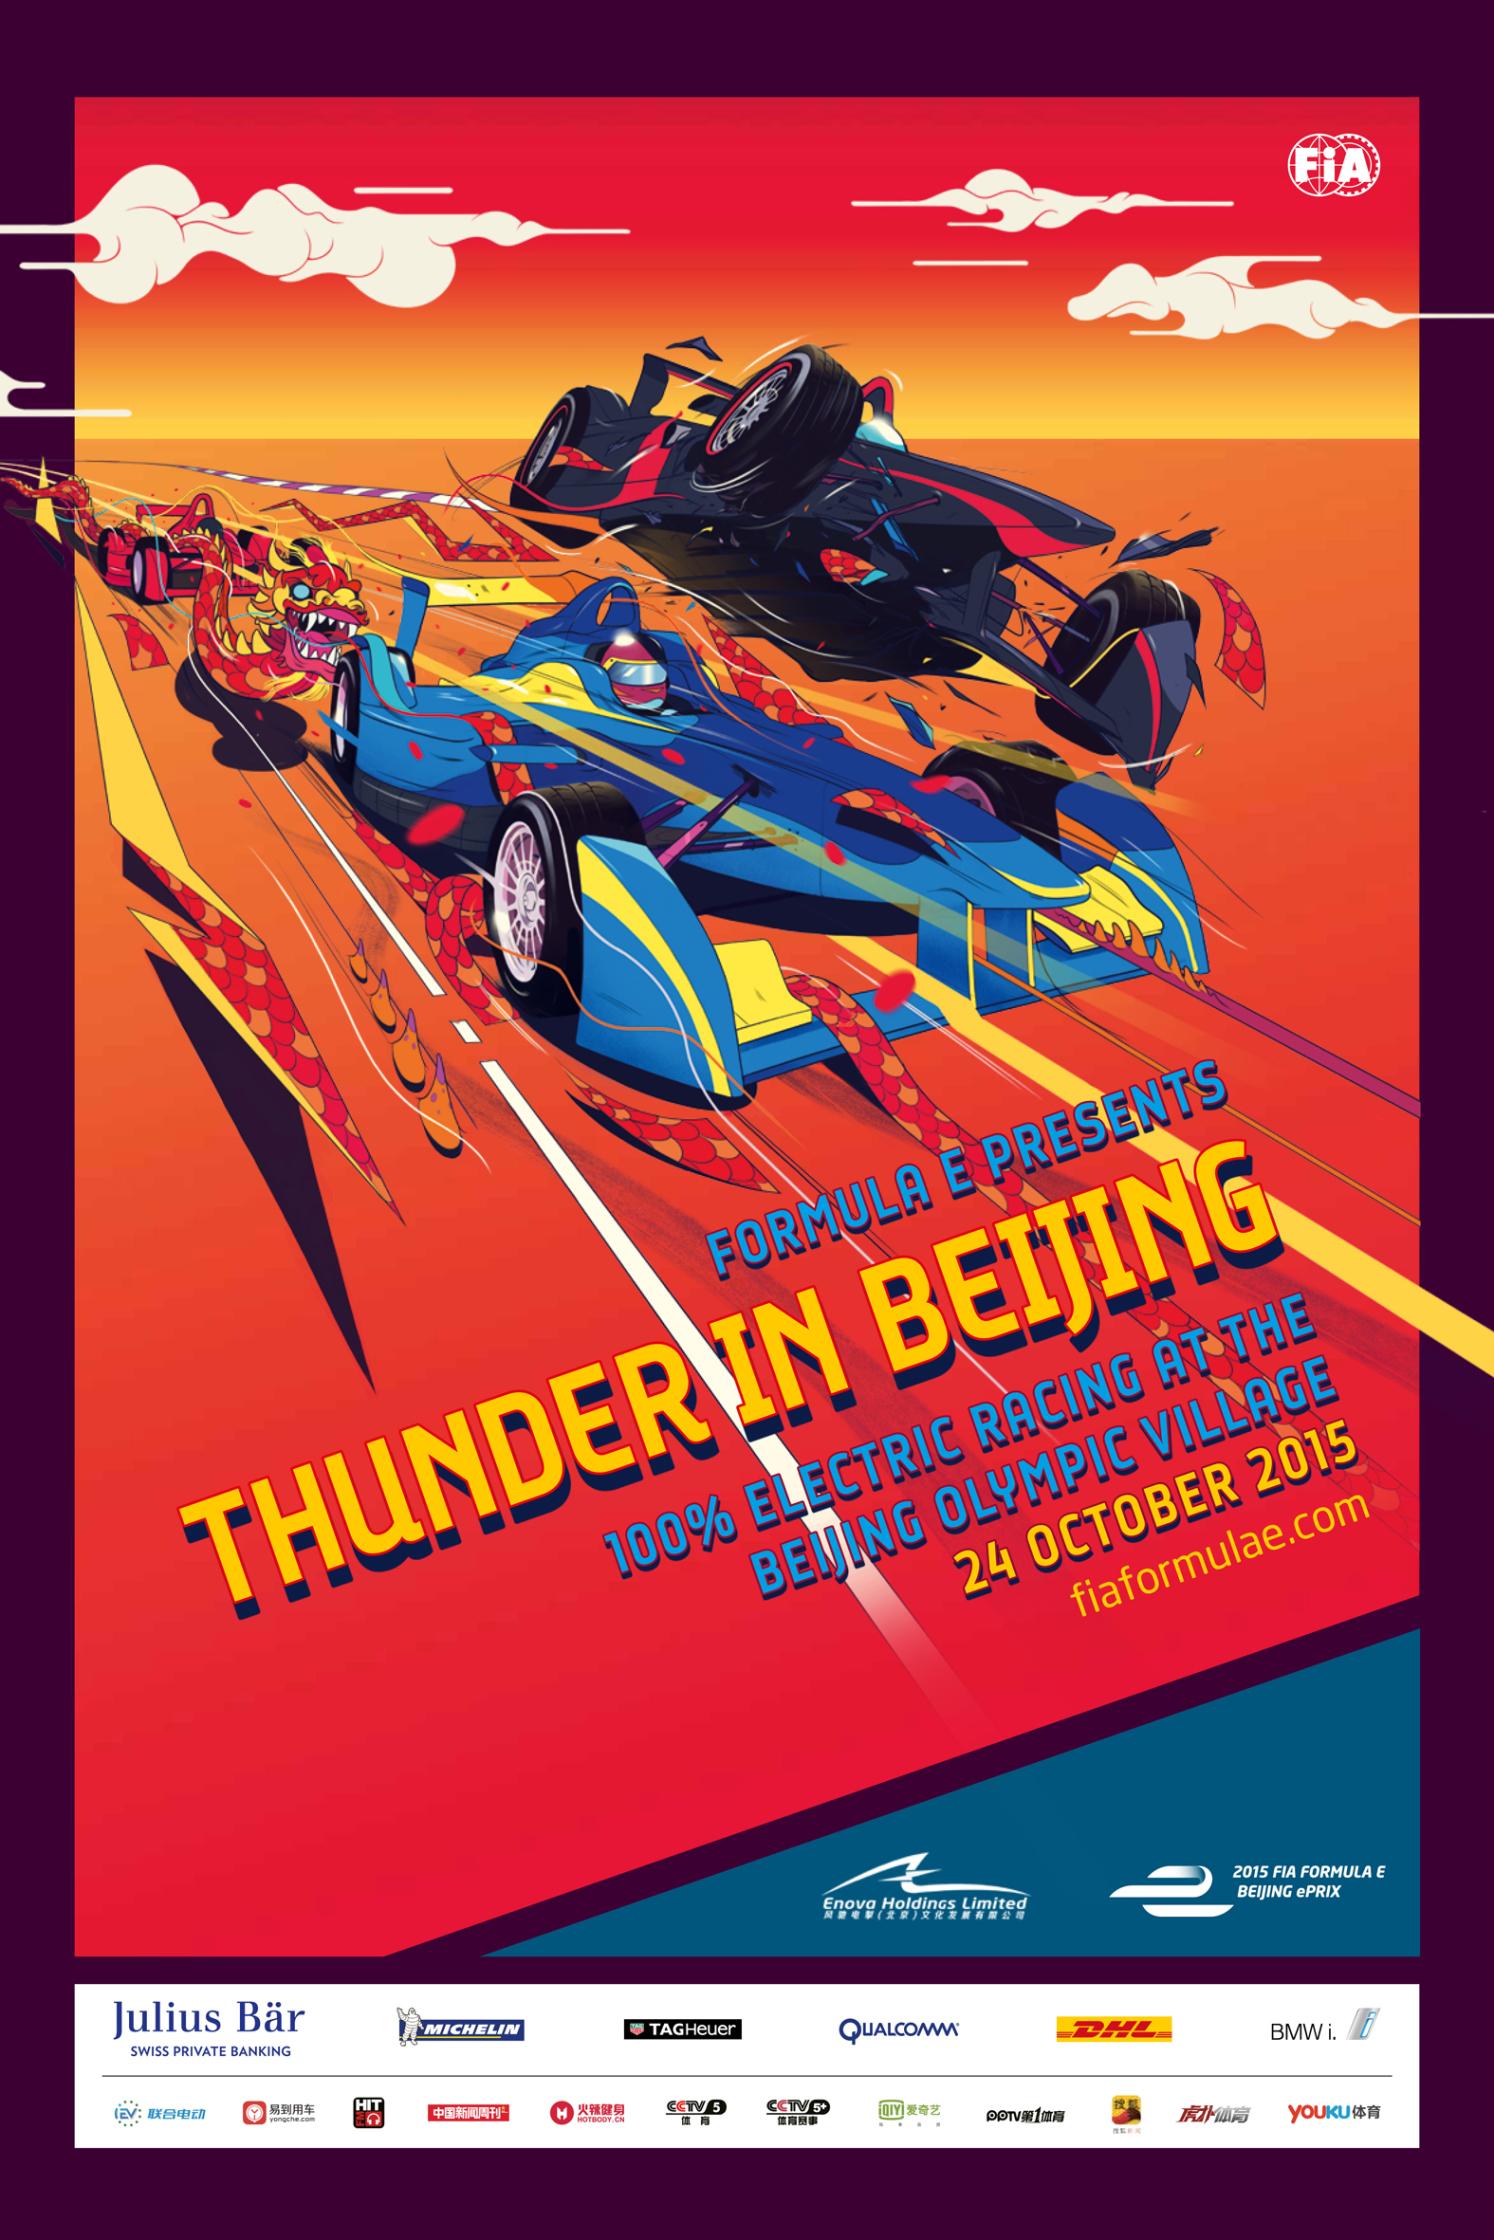 Beijing / Formula E